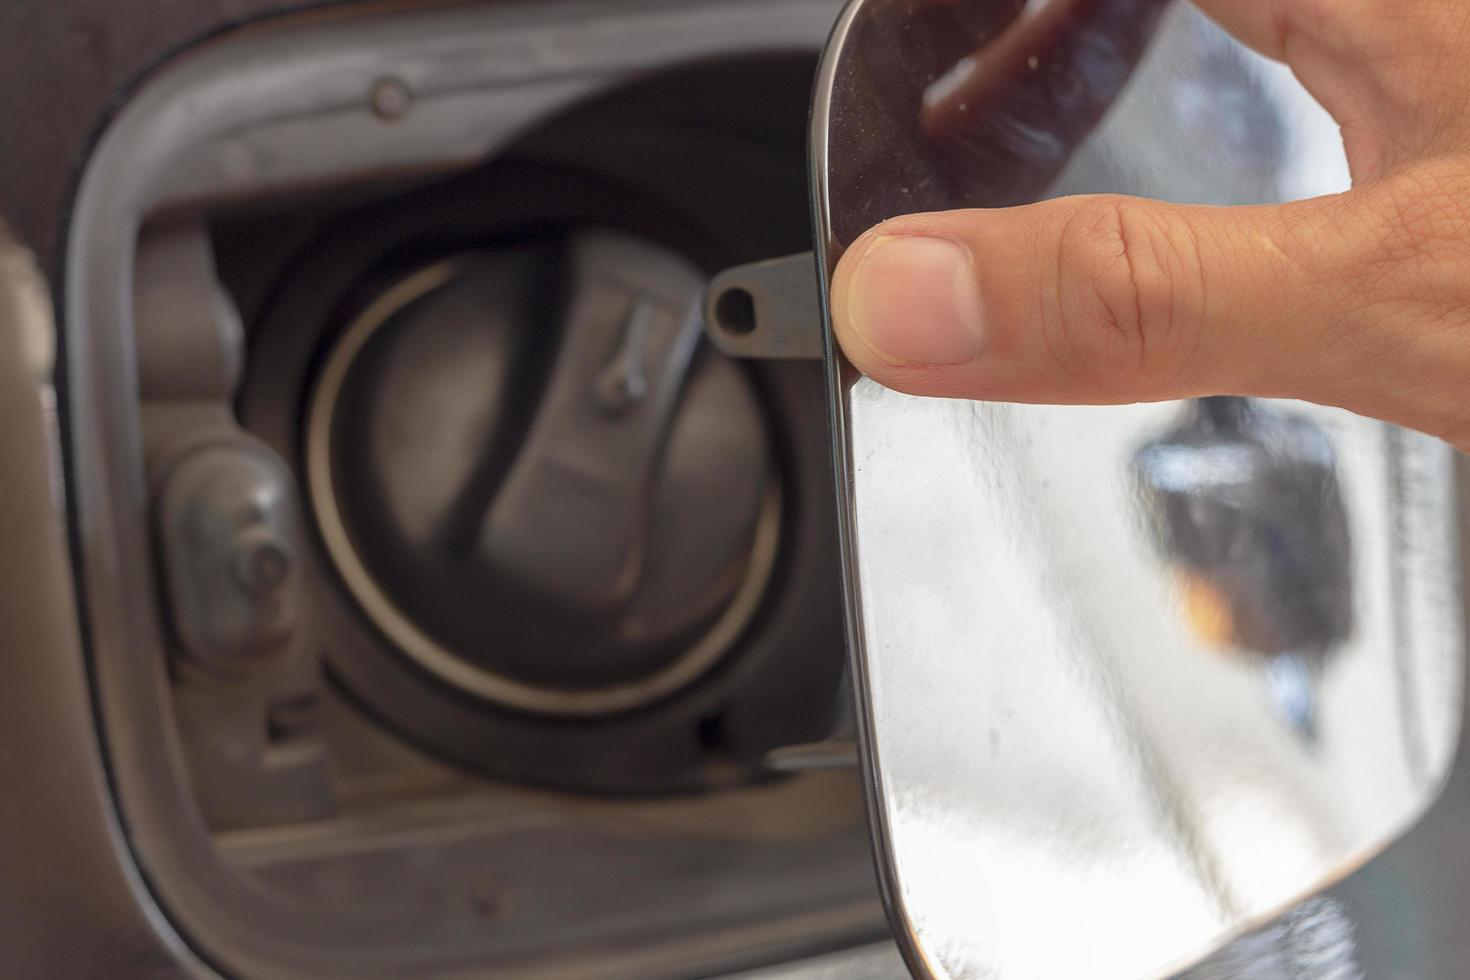 fin, haut, main, ouverture, réservoir carburant, porte, voiture photo